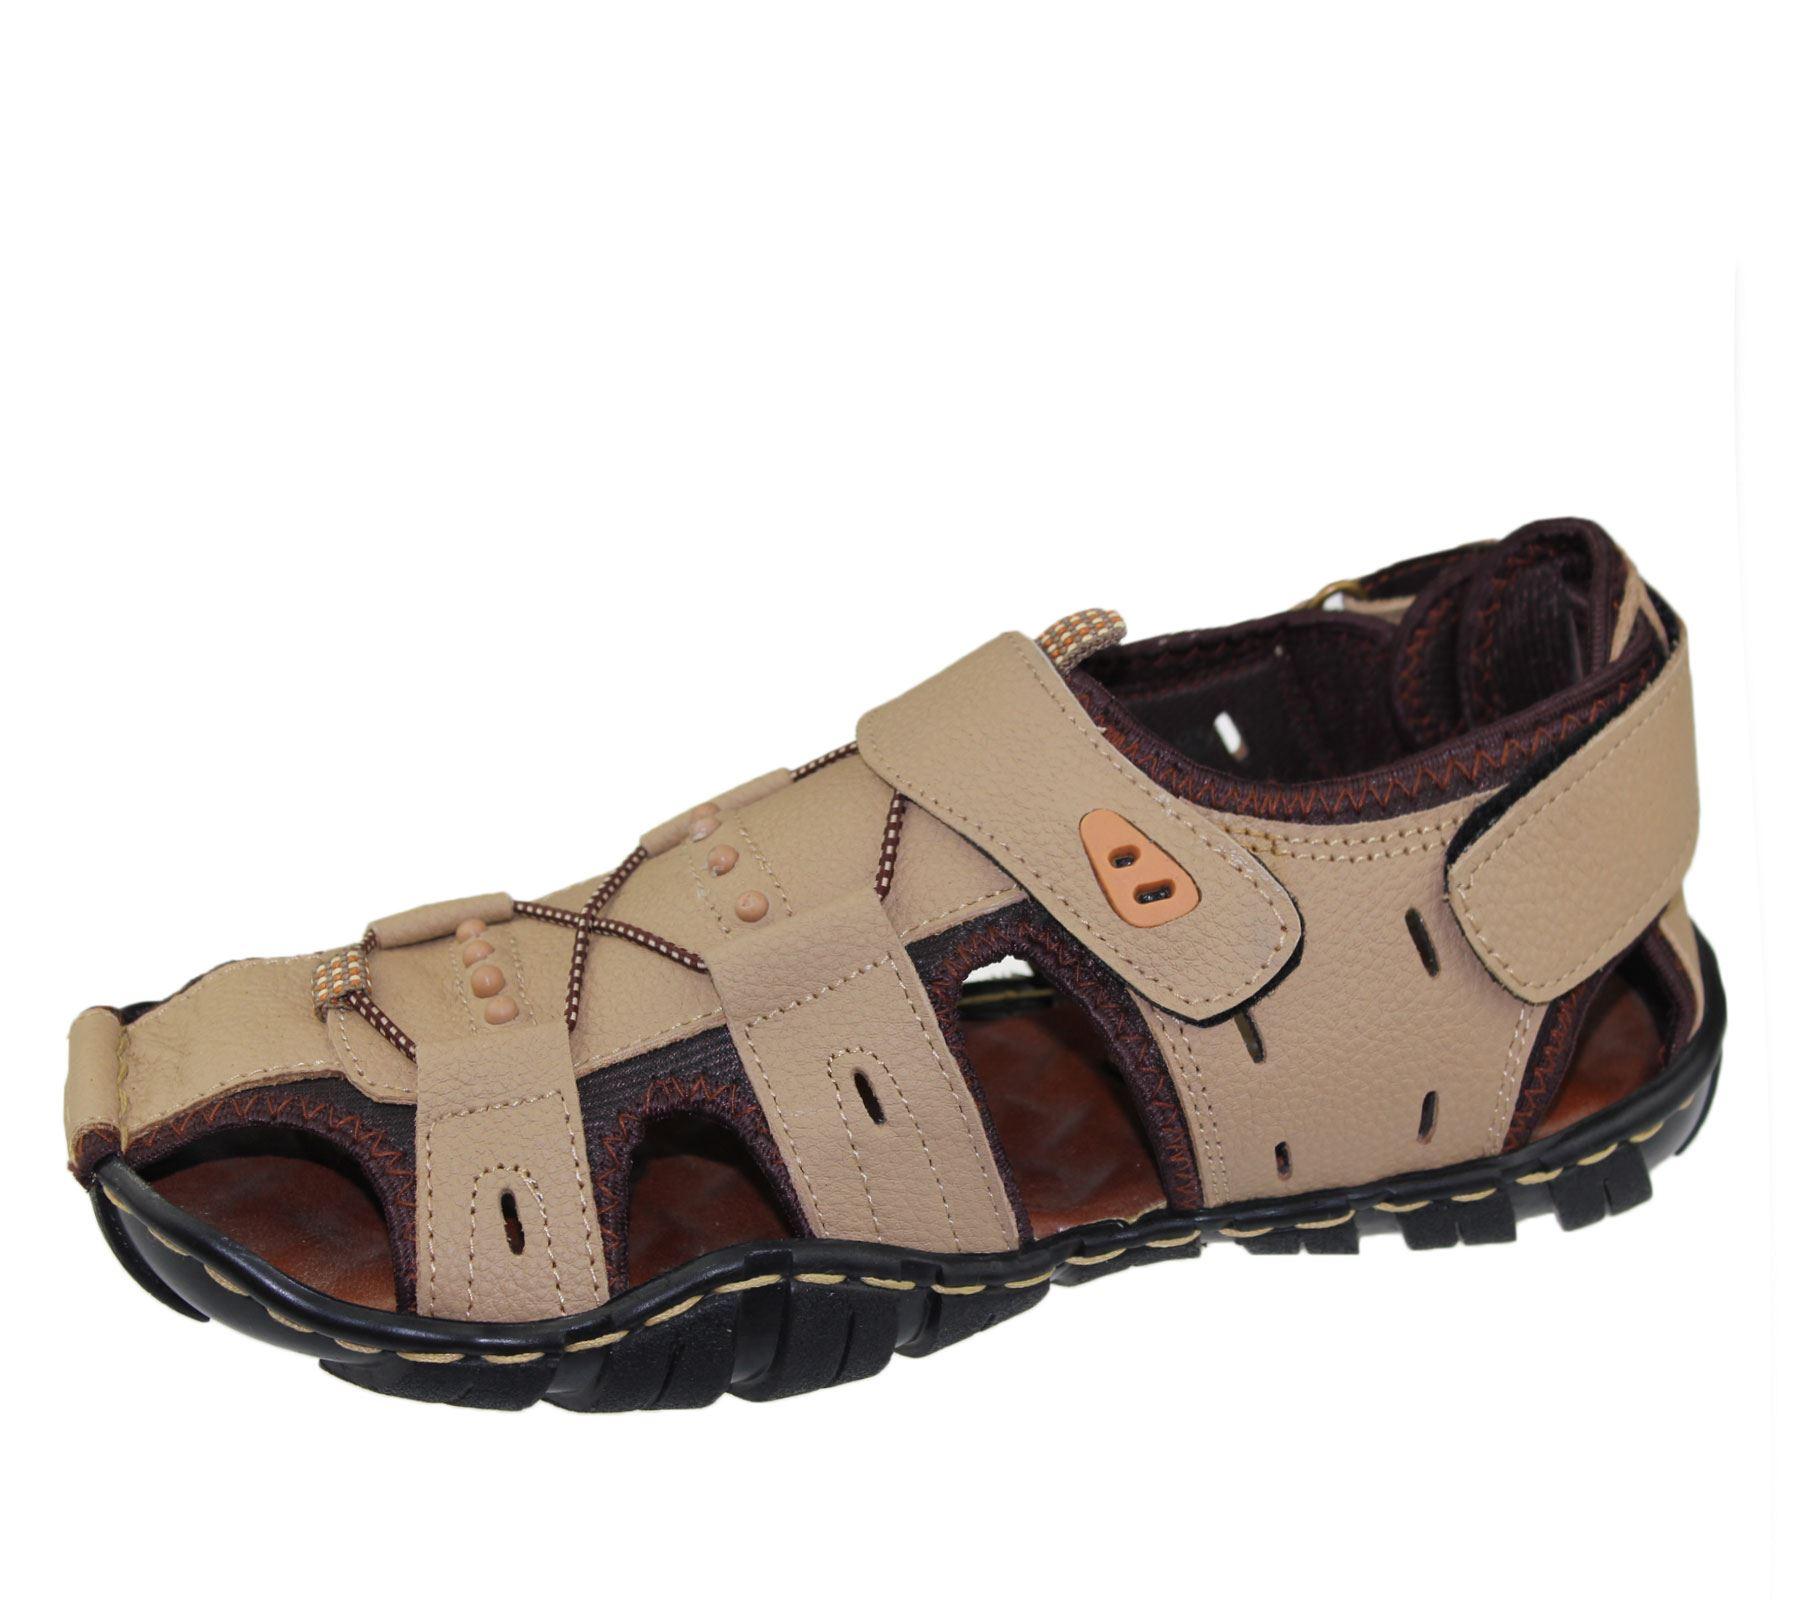 Mens-Sandal-Beach-Buckle-Walking-Fashion-Summer-Casual-Slipper miniatura 22